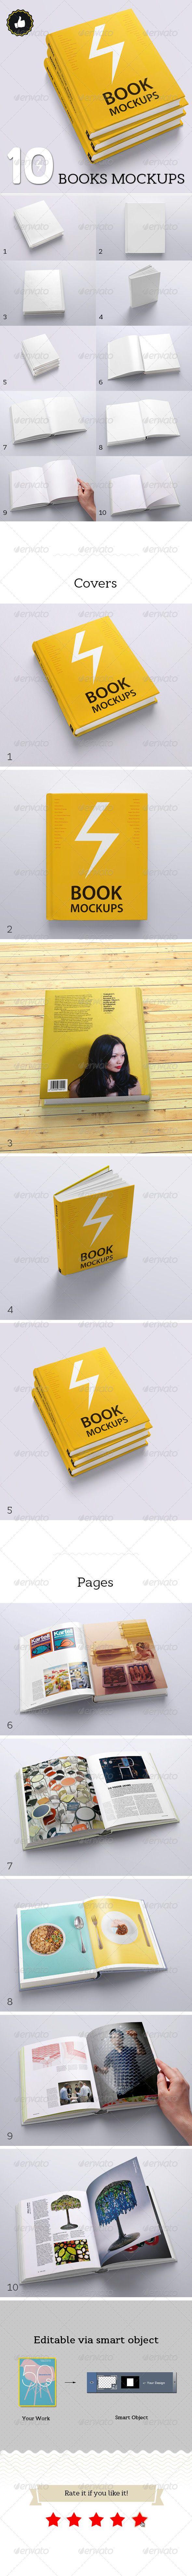 Book Mockups / 10 Different Images  — PSD Template #presentation #3d book #mockup #modern #mock-up